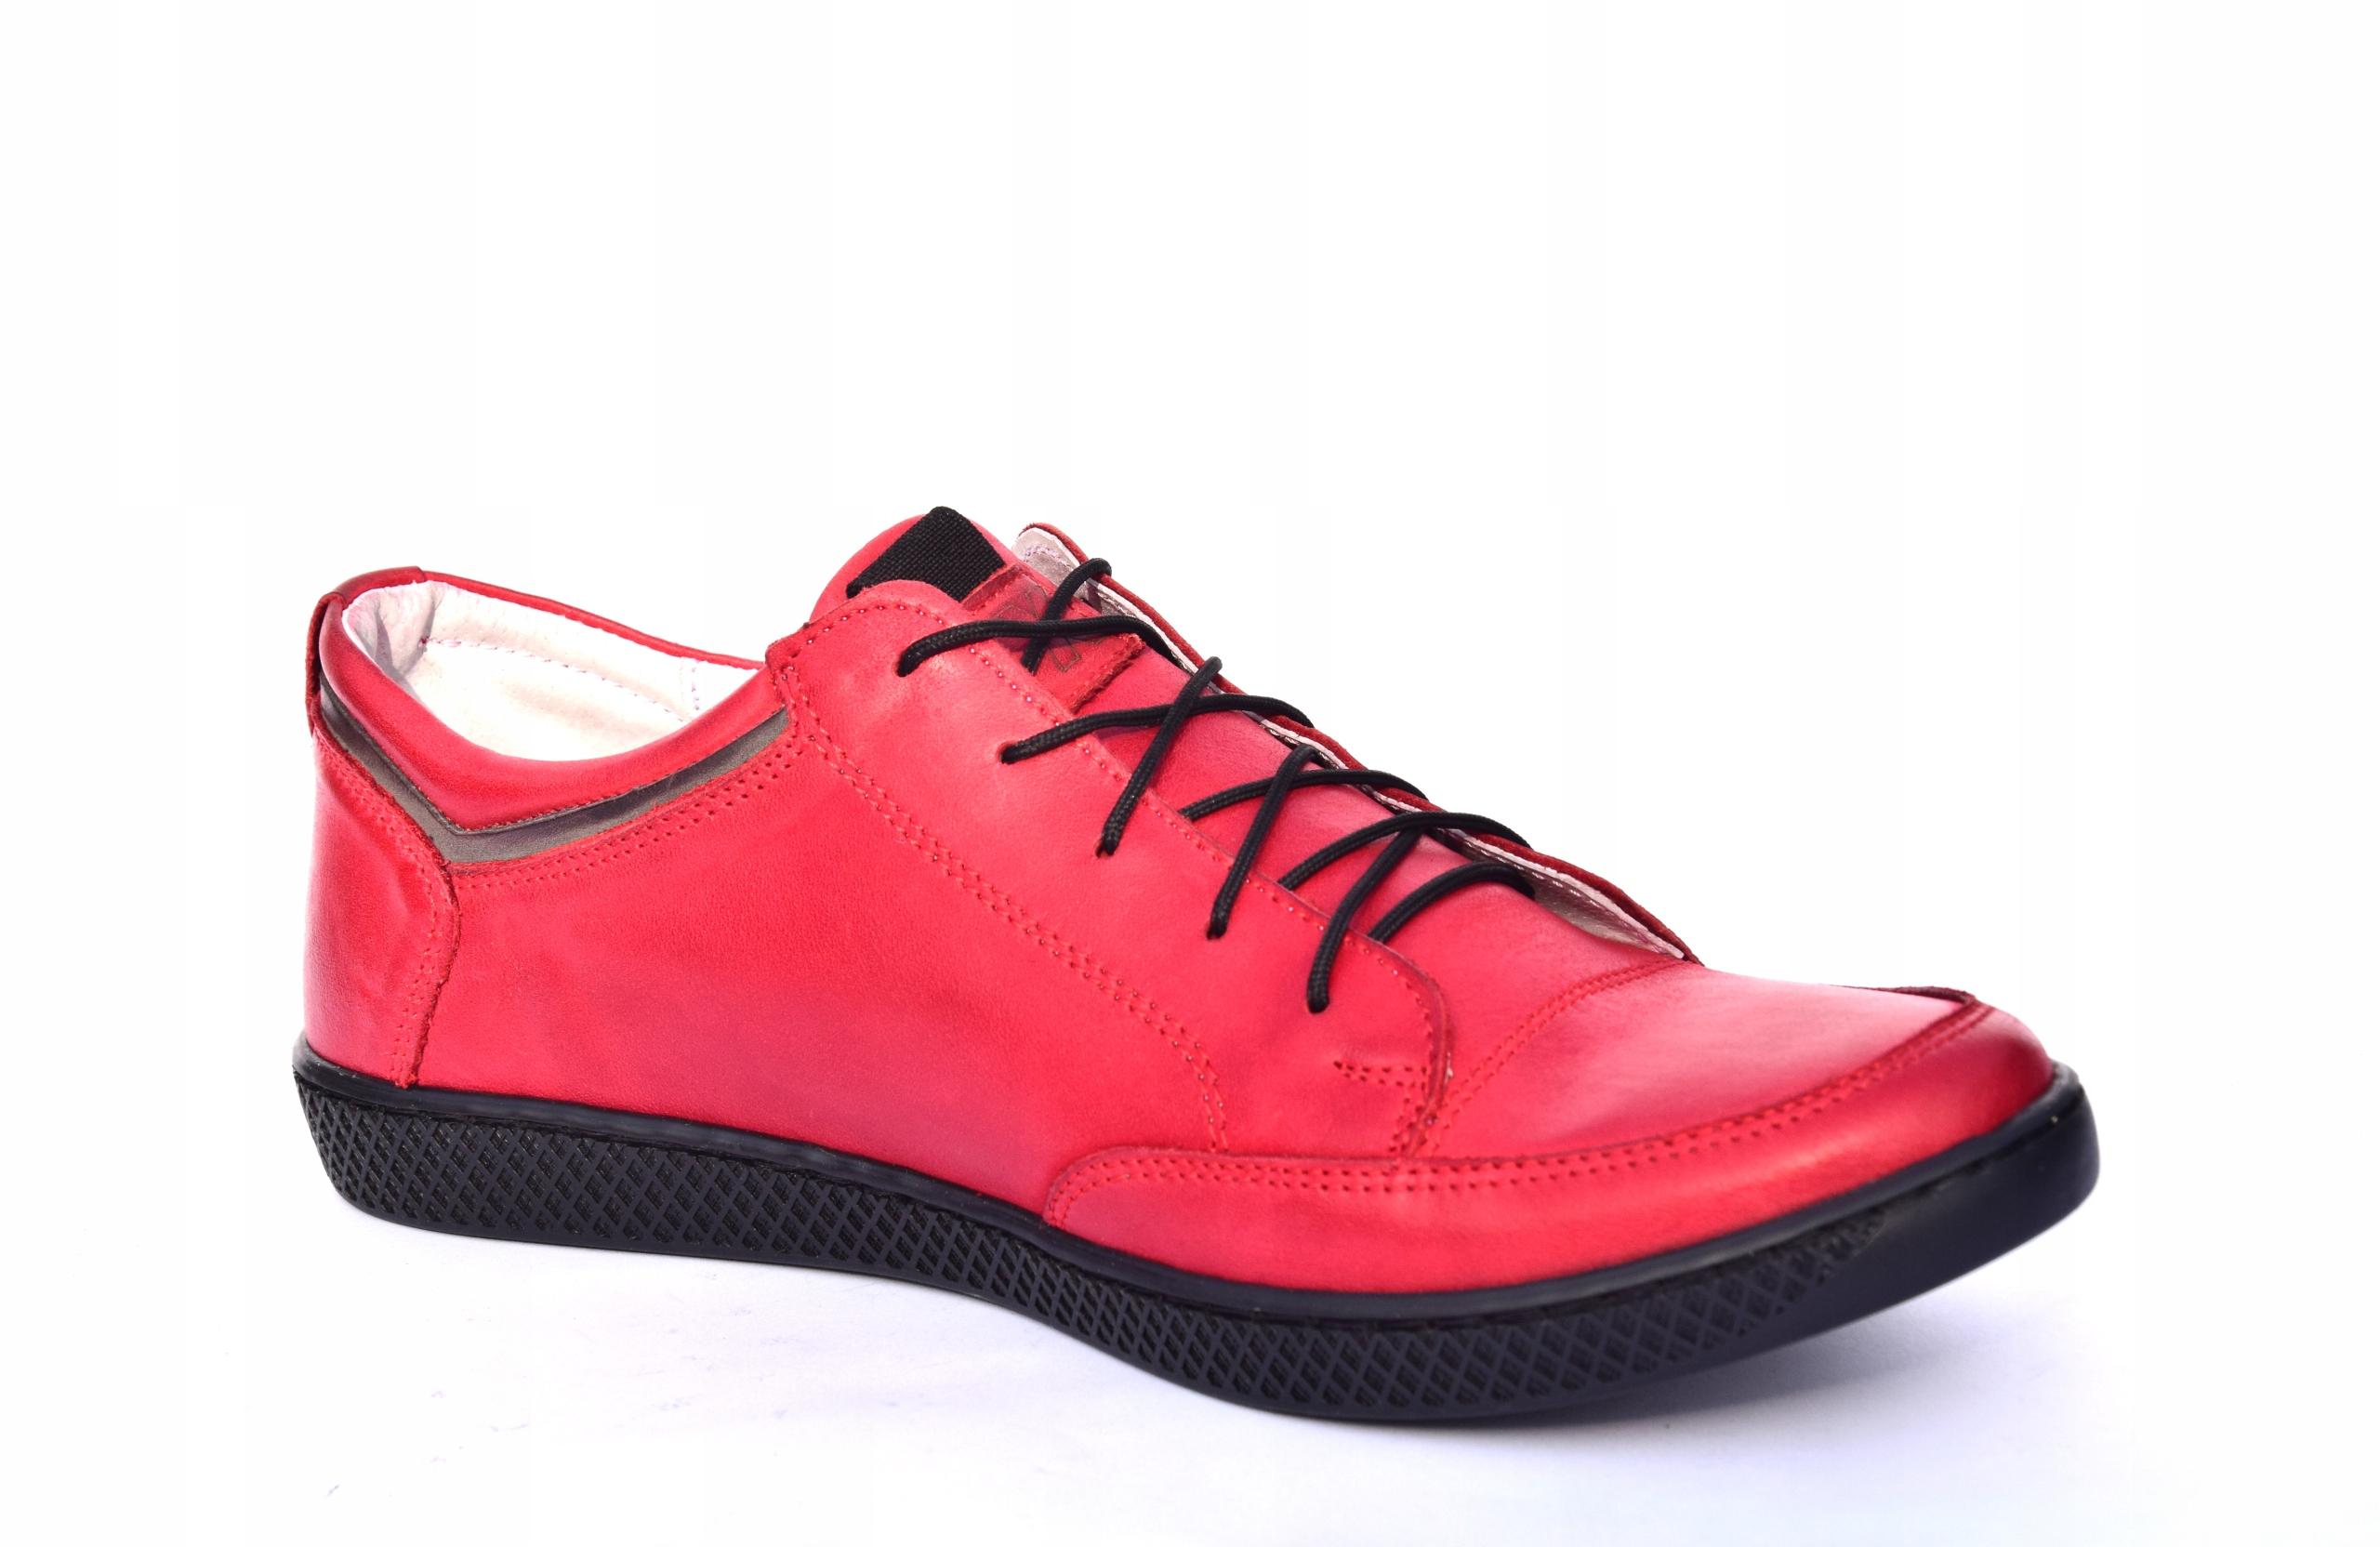 Skórzane czerwone sznurowane półbuty czerwone 0447 Długość wkładki 28.7 cm